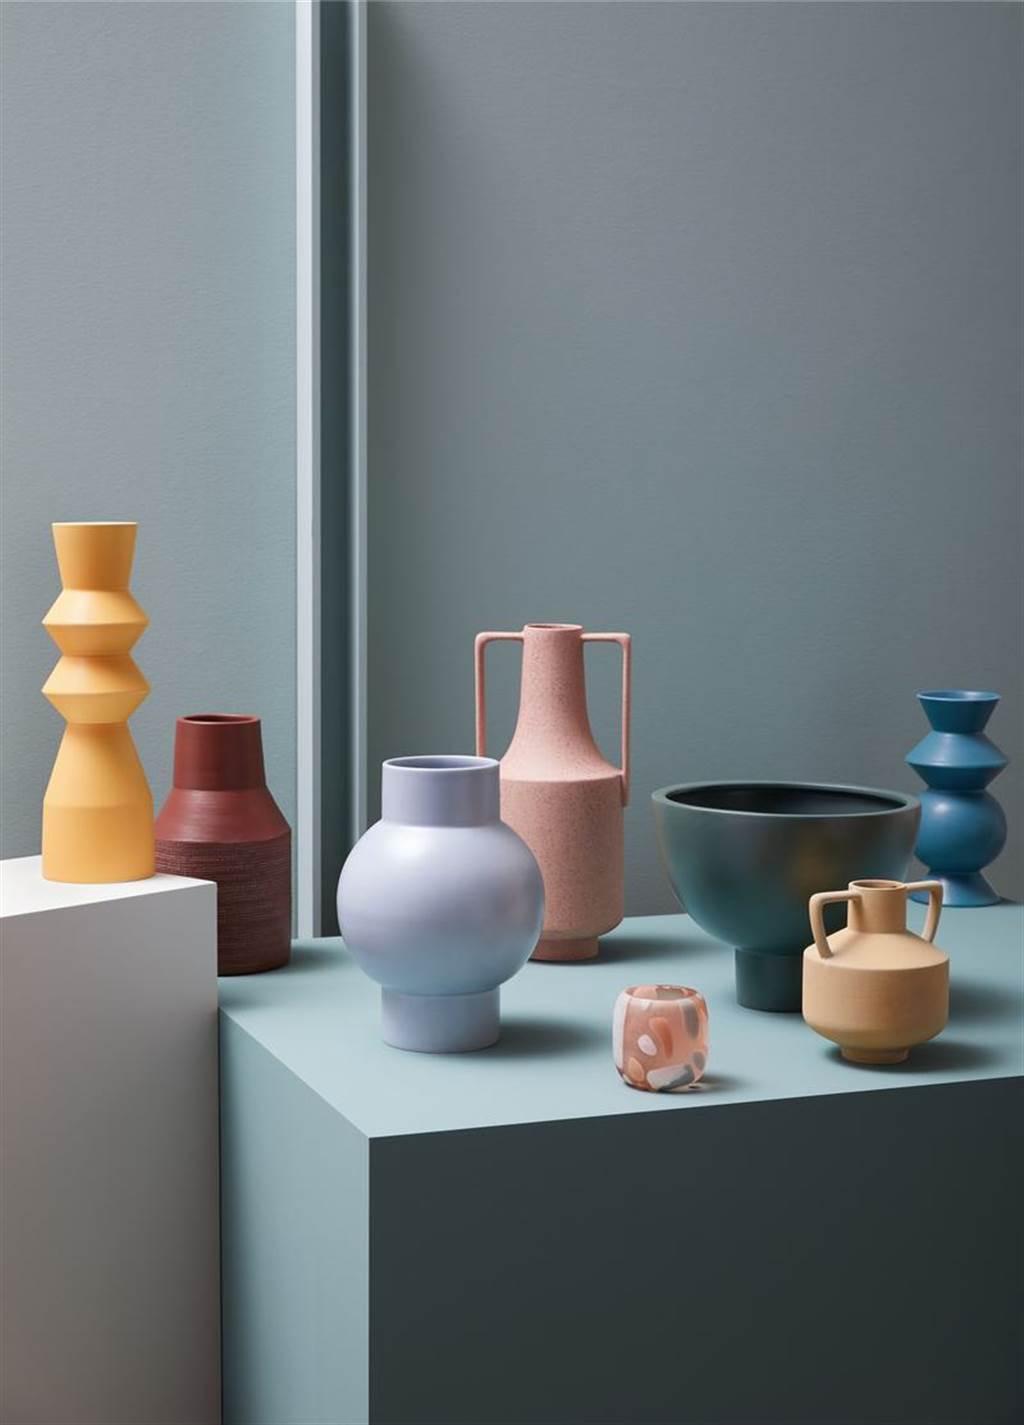 ▲釉面陶器花瓶,皆是純手工製作,具現代感造型,可單獨擺放或與其他系列花瓶混搭,適用於人造枝花。(陶瓷花器。圖片提供/Crate and Barrel)